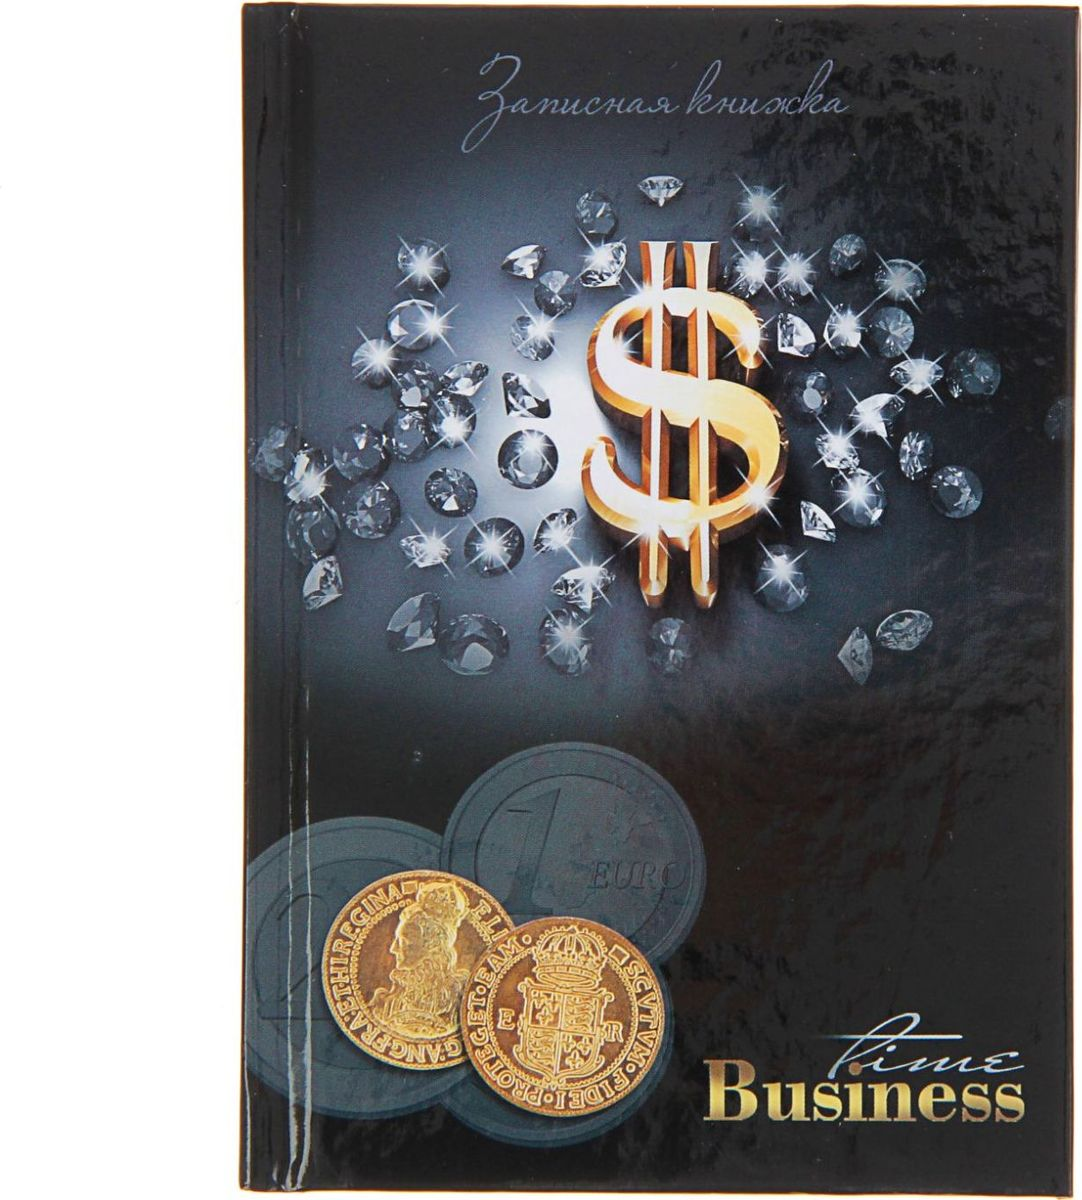 Проф-Пресс Записная книжка Золотые монеты 64 листа72523WDЗаписная книжка — компактное и практичное полиграфическое изделие, предназначенное для разного рода записей и заметок.Такой предмет прекрасно подойдёт для фиксации повседневных дел. Это канцелярское изделие отличается красочным оформлением и придётся по душе как взрослому, так и ребёнку. Записная книжка твёрдая обложка А6, 64 листа Золотые монеты, глянцевая ламинация обладает всеми необходимыми характеристиками, чтобы стать вашим полноценным помощником на каждый день.